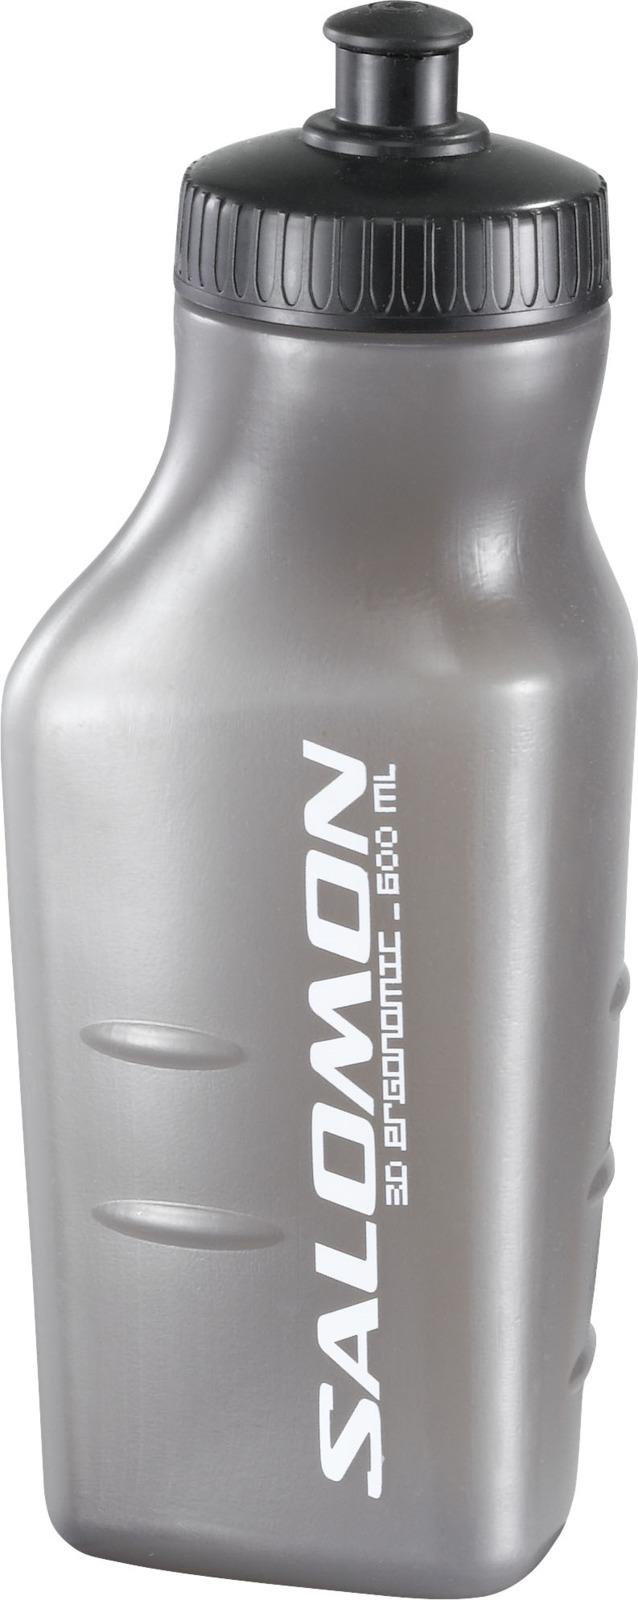 Бутылка для воды Salomon 3D, L32917000, серый, 600 мл